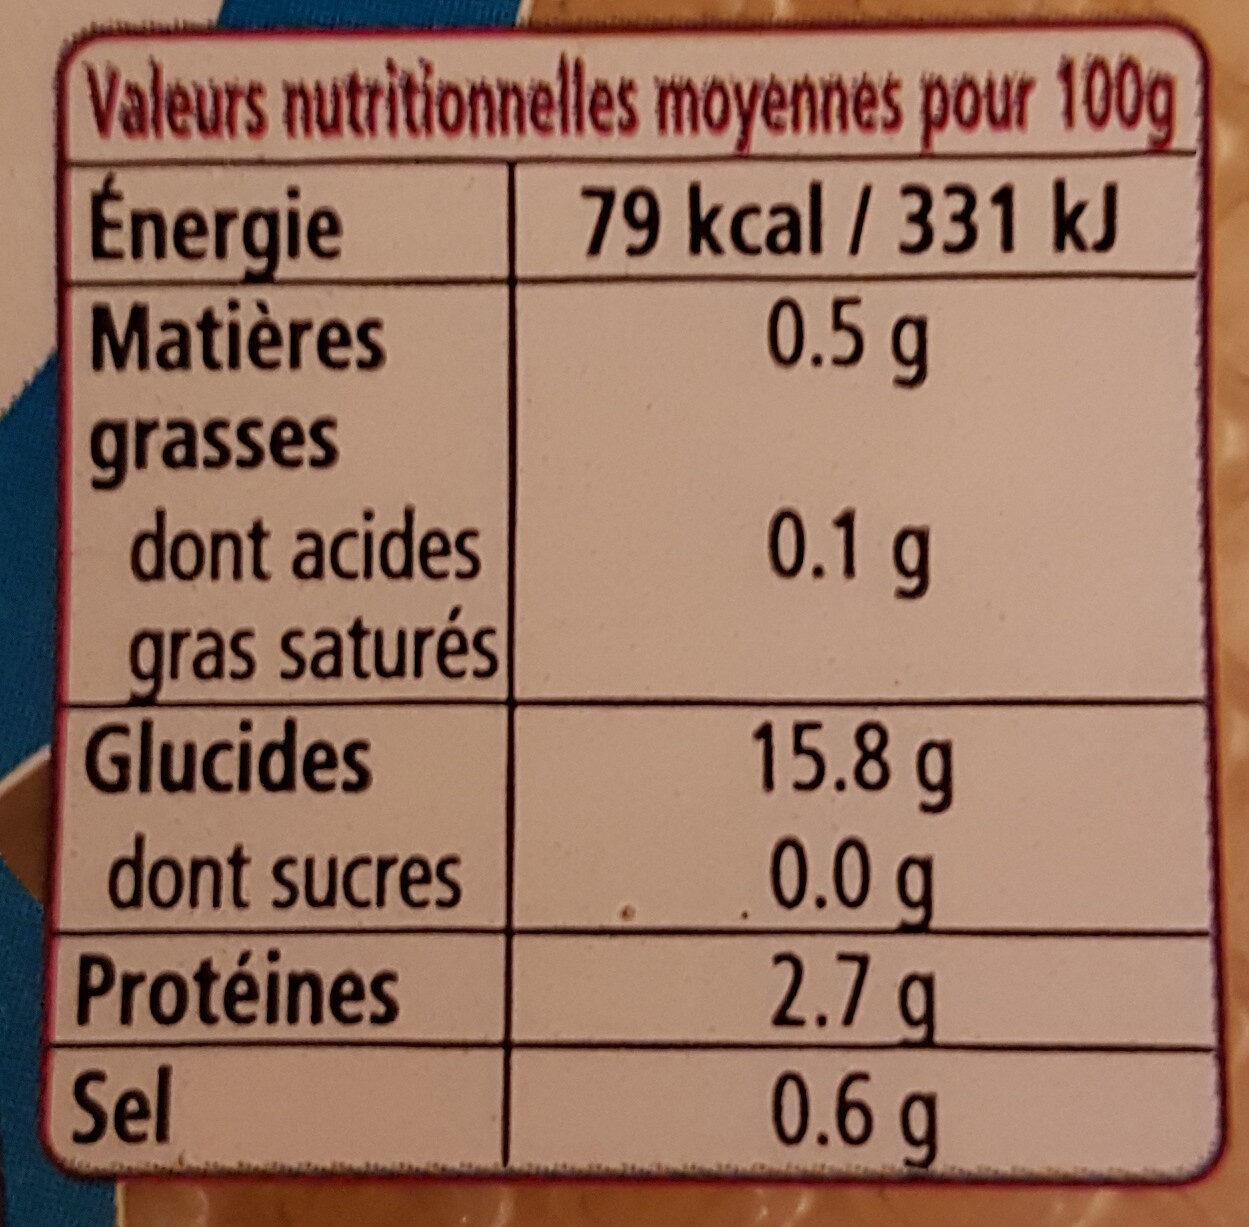 6 Galettes fraîches de sarrasin - Informations nutritionnelles - fr